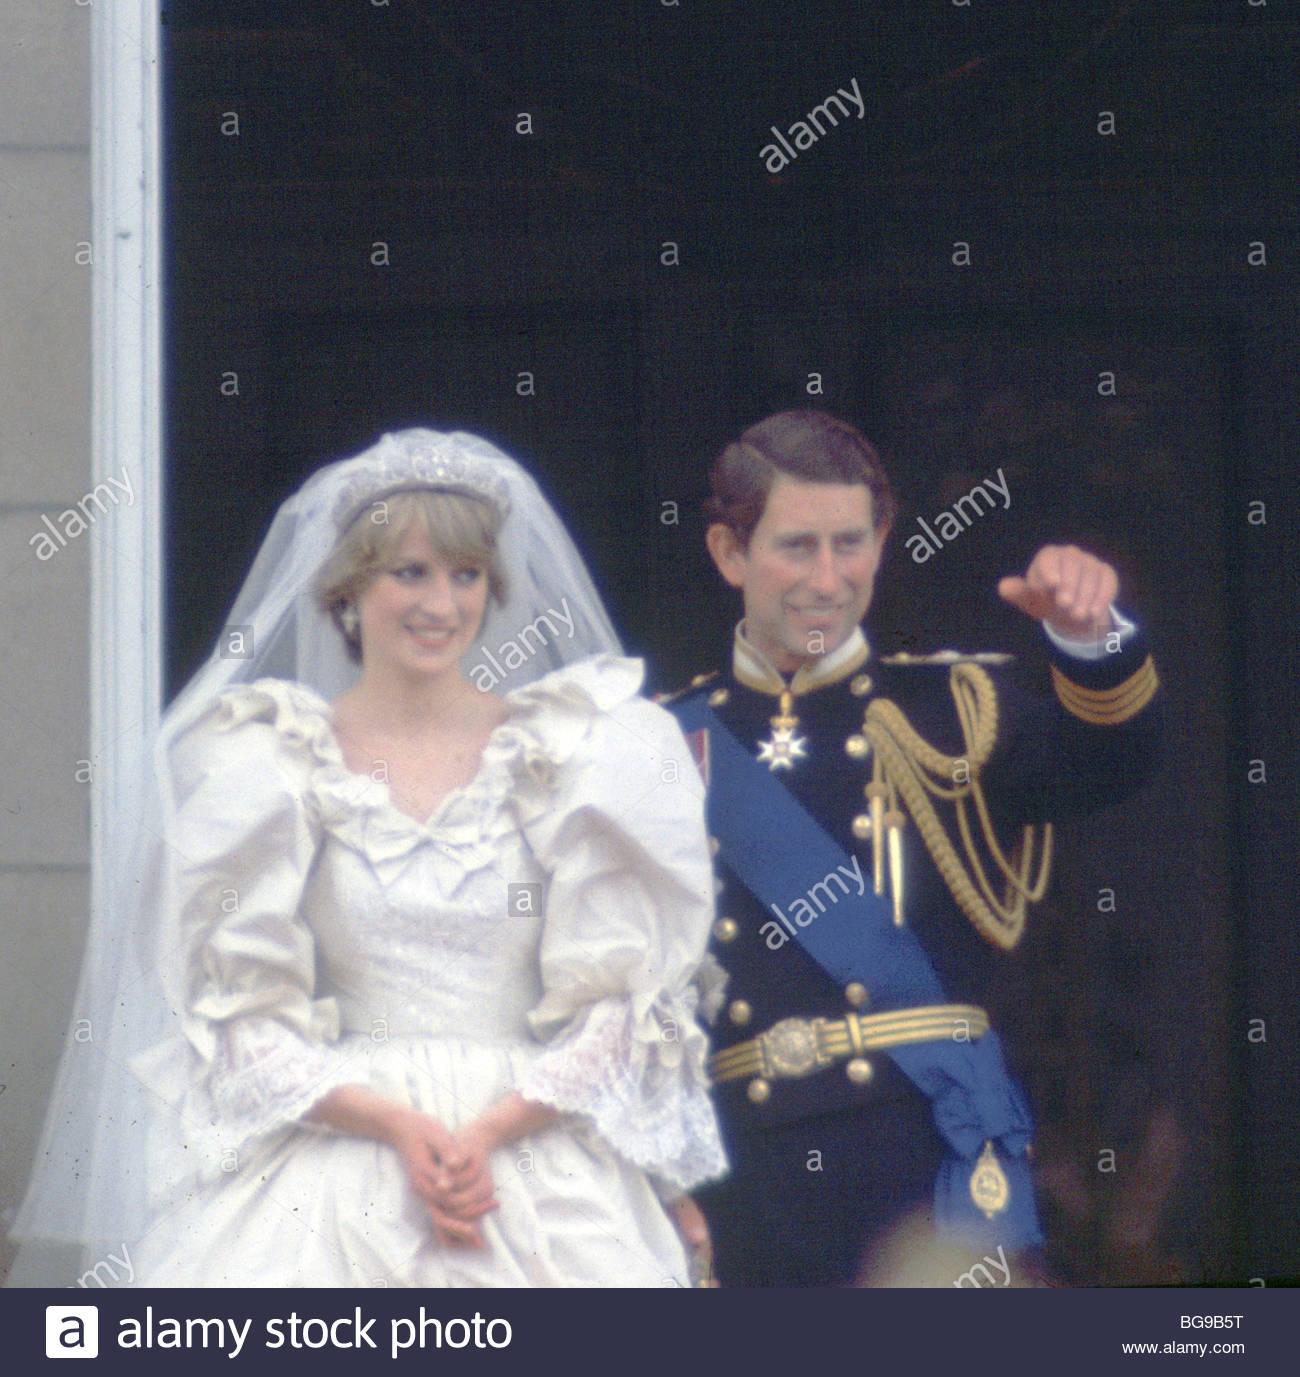 100 Princess Diana Wedding To Prince